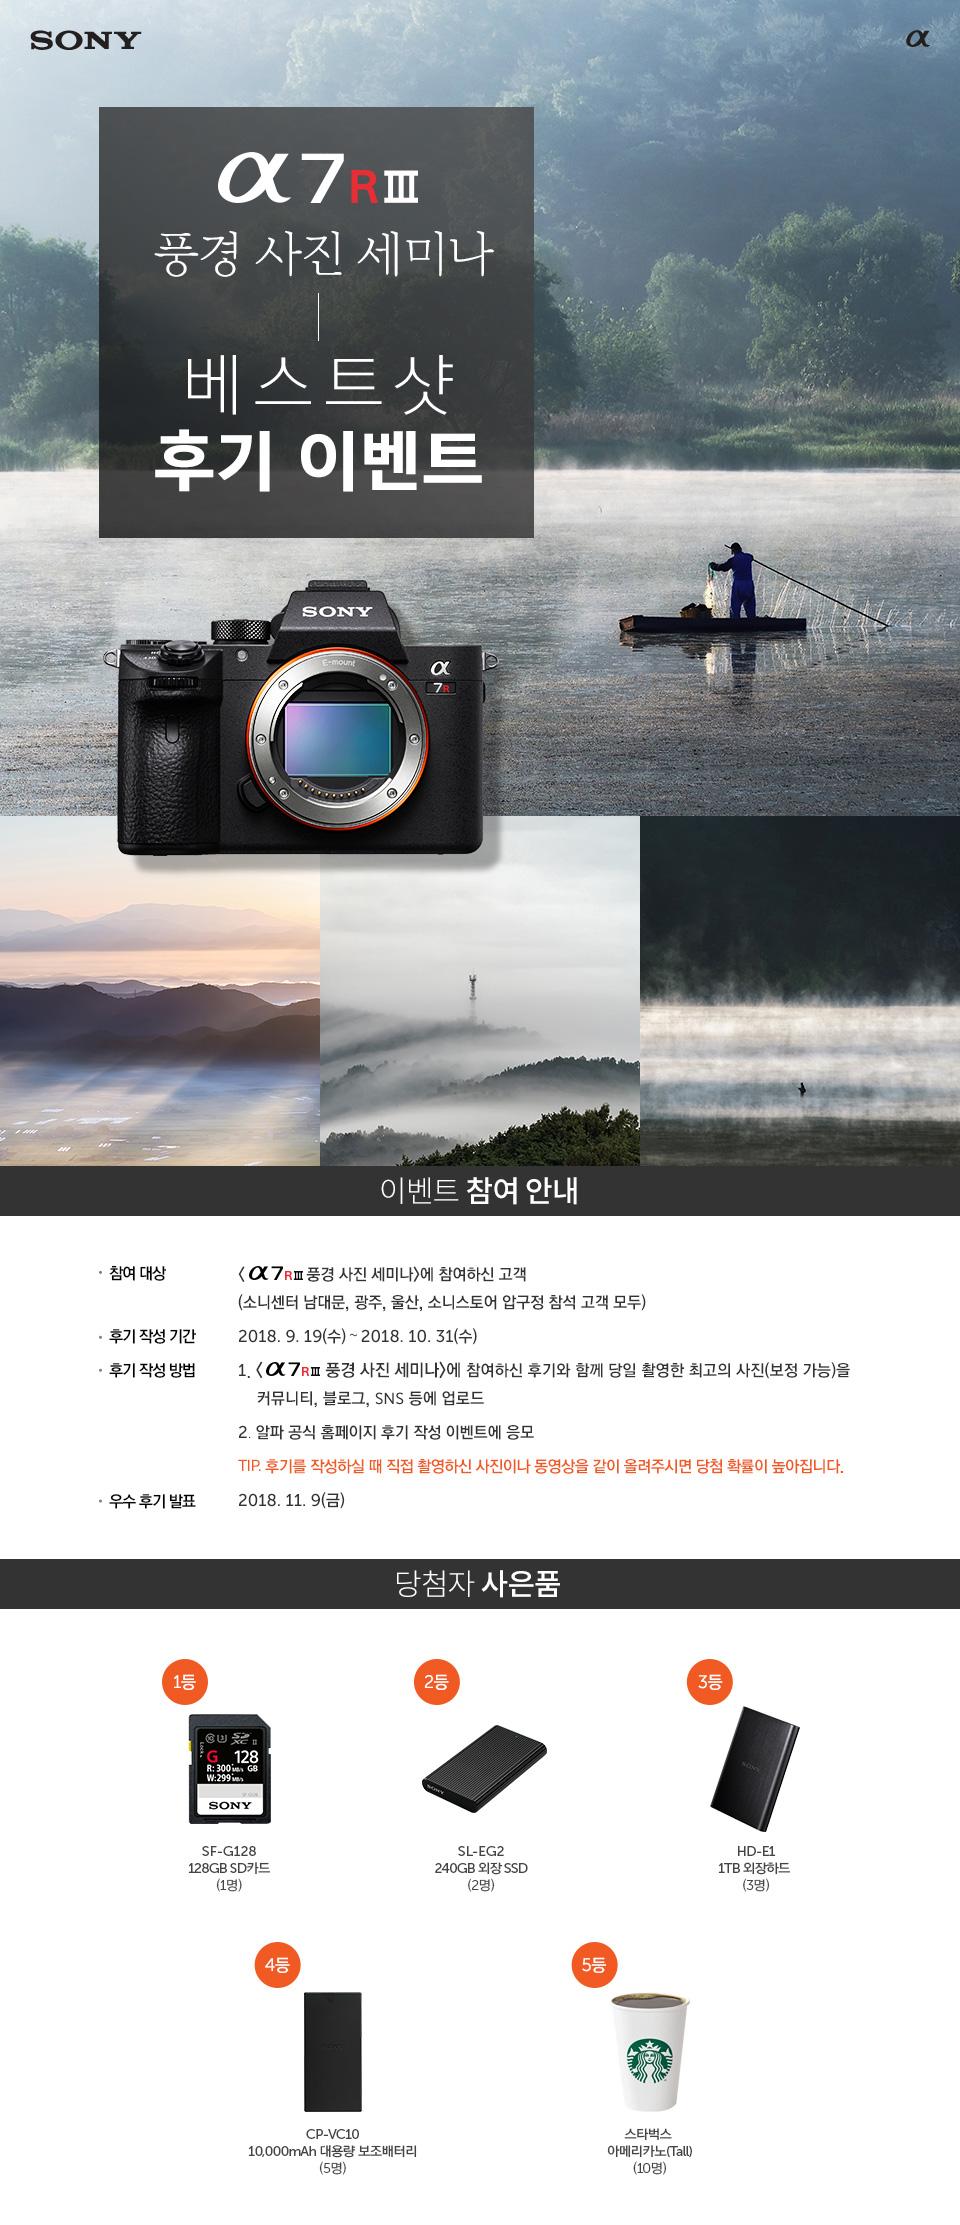 a7RIII 풍경 사진 세미나 베스트샷 후기 이벤트